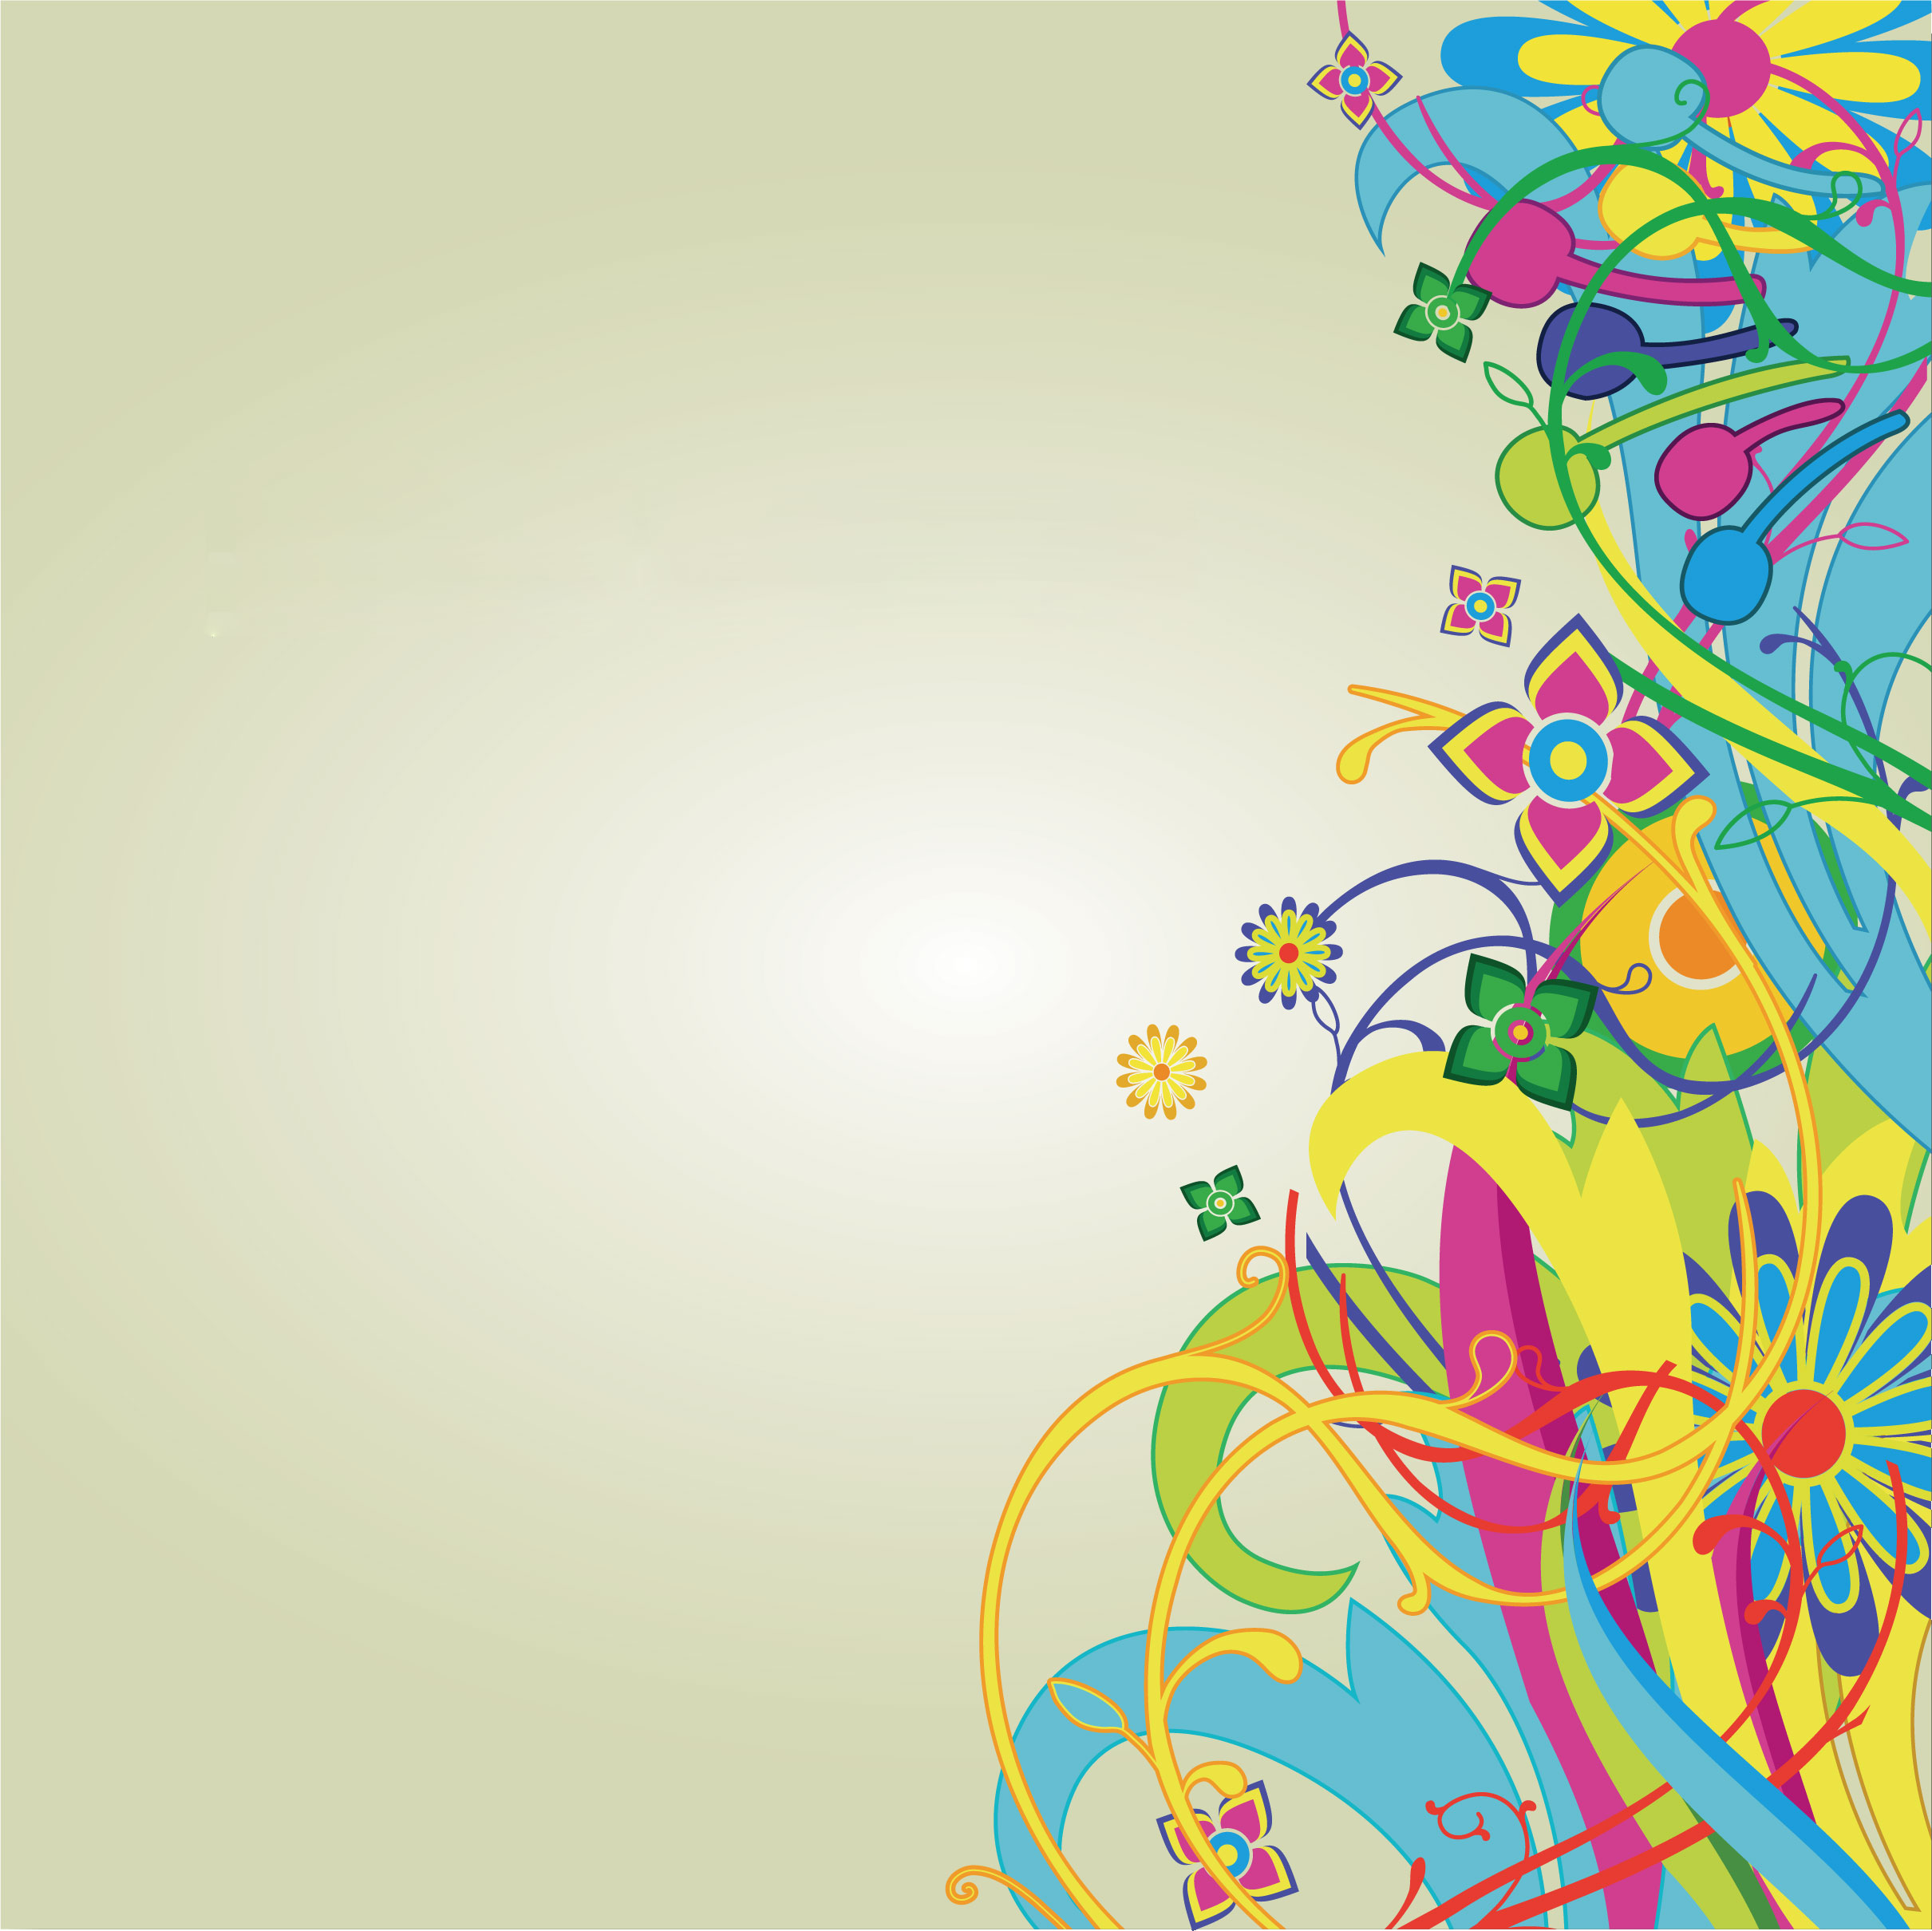 花のイラスト フリー素材 壁紙 背景no 295 カラフル ポップ 光彩